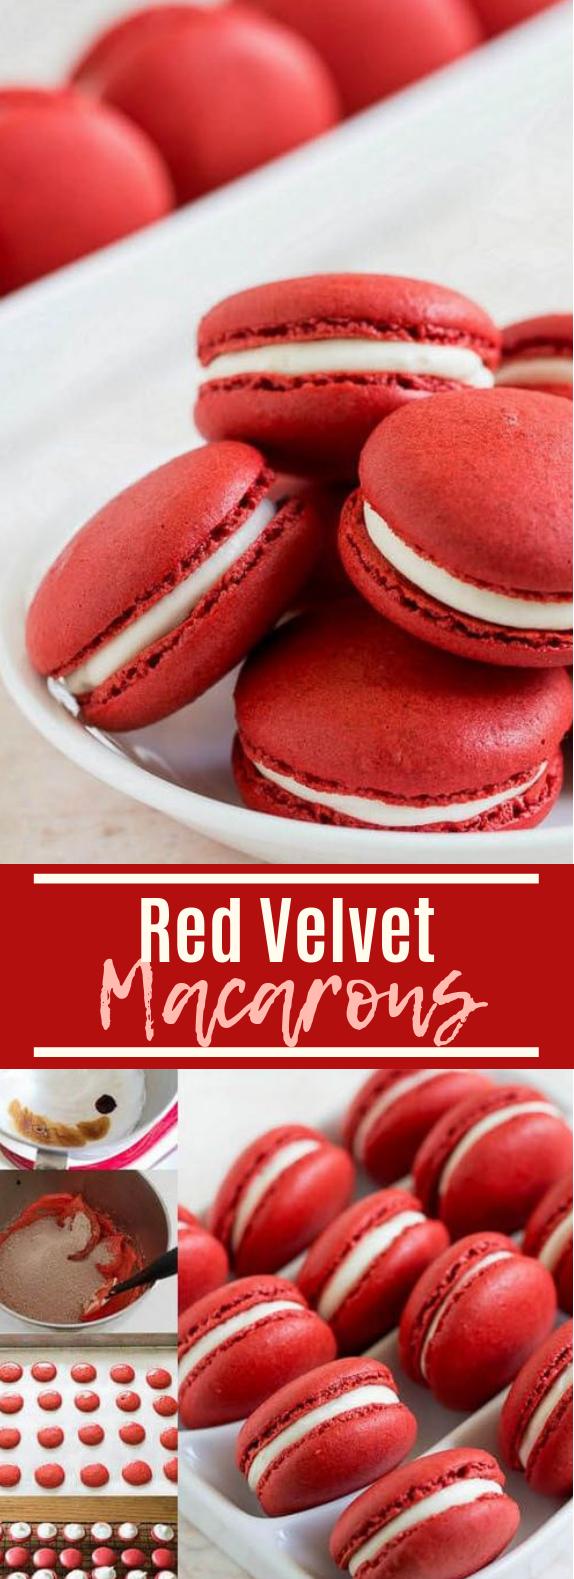 Red Velvet Macarons #cookies #desserts